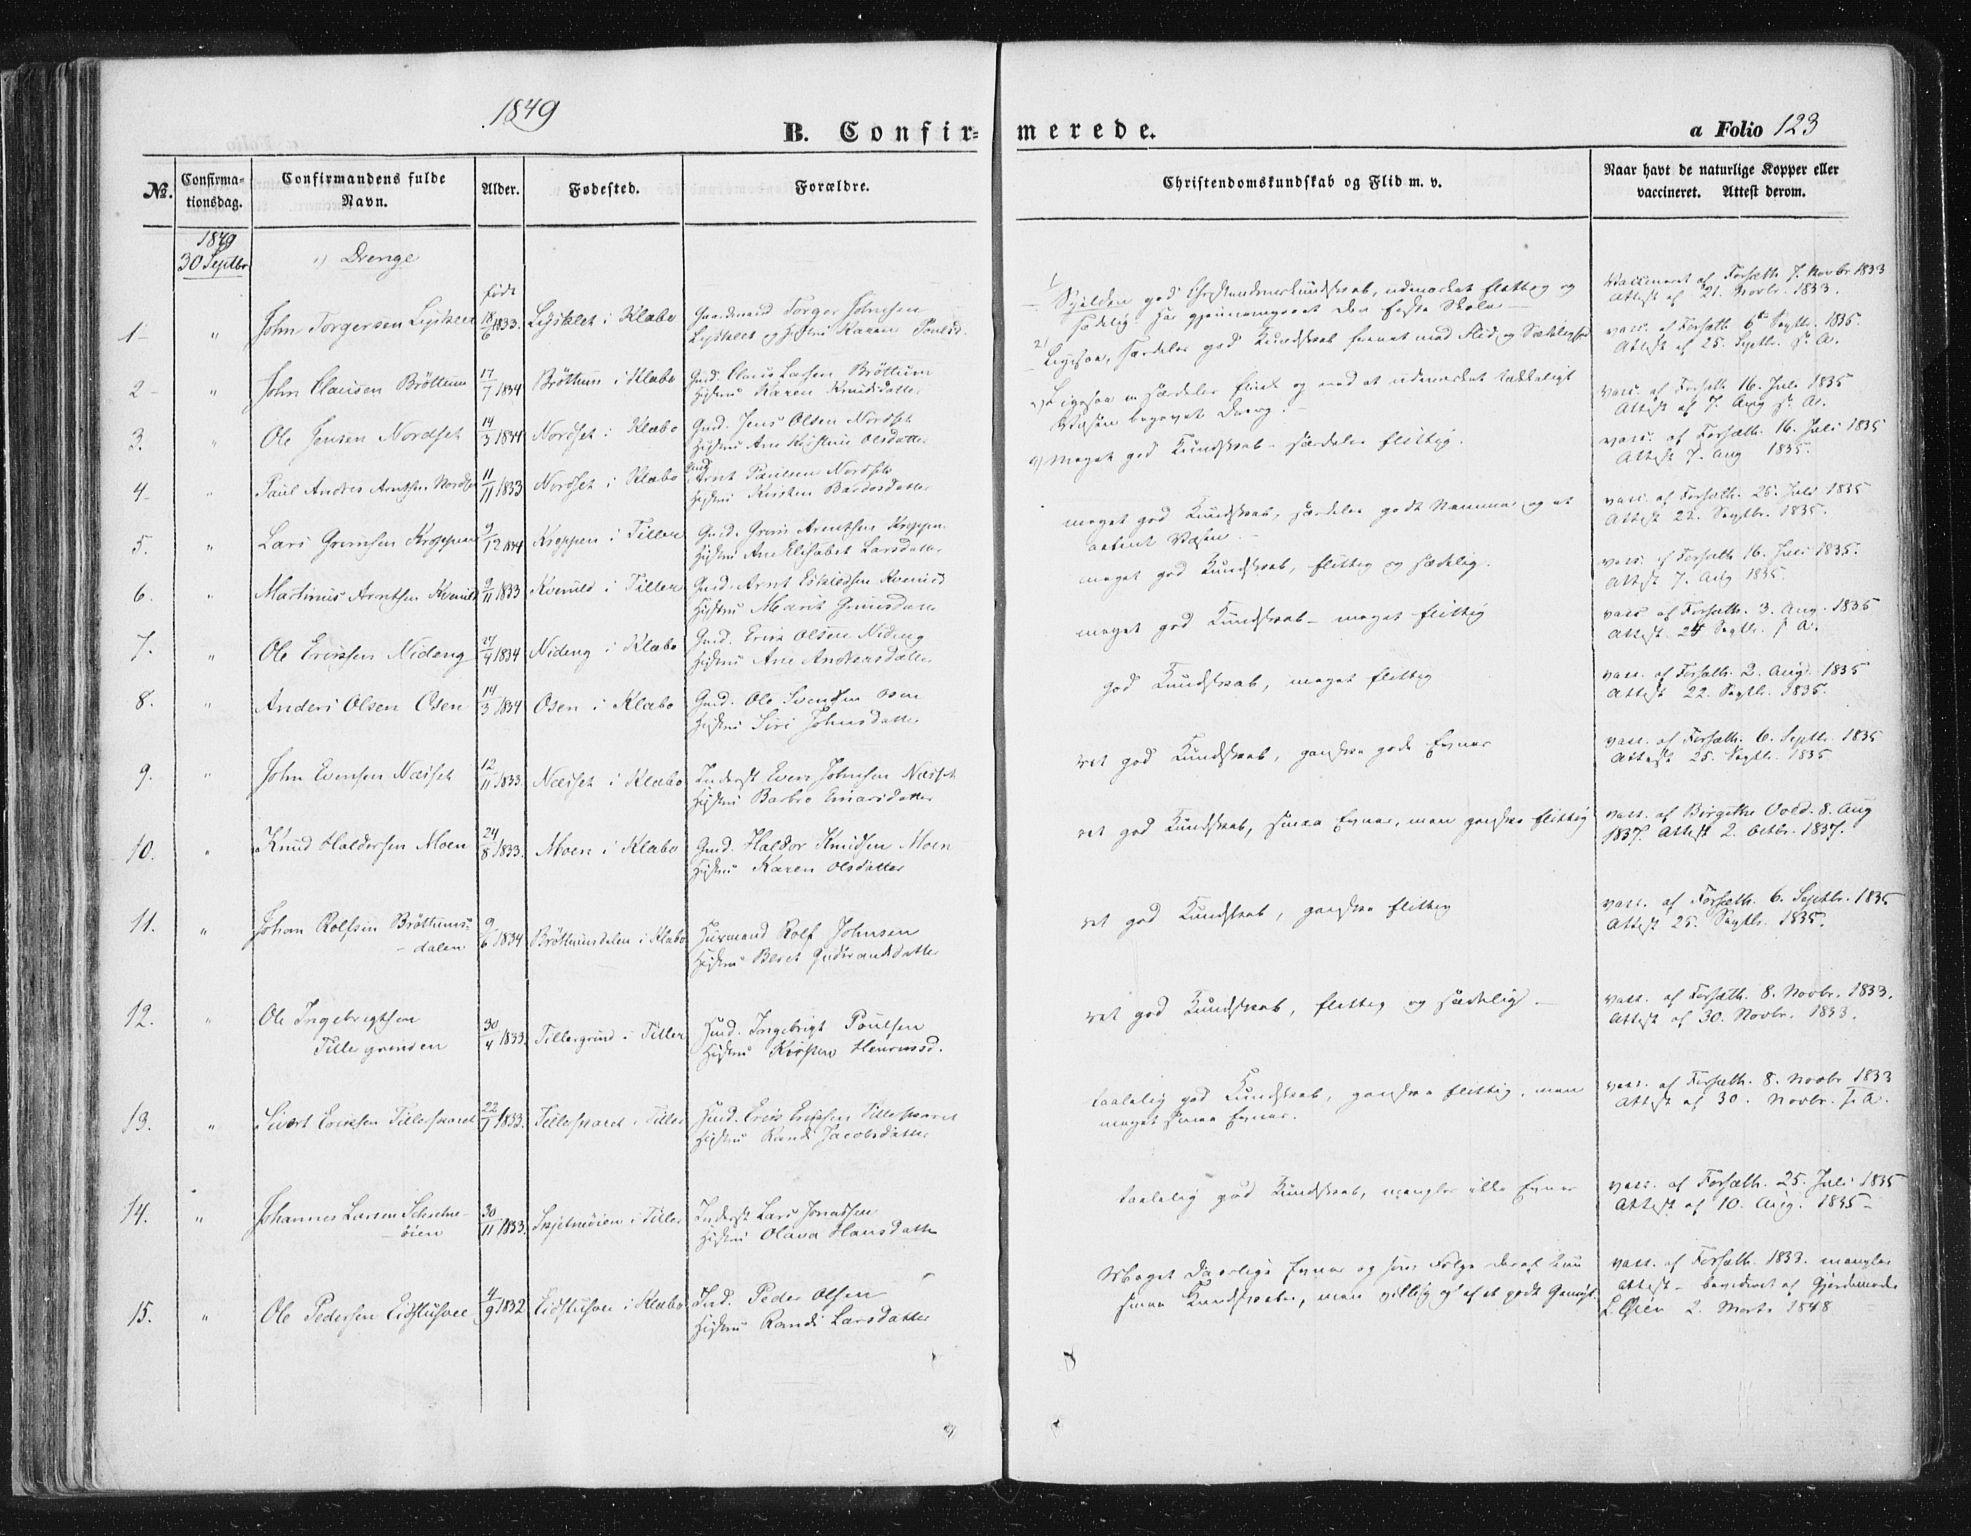 SAT, Ministerialprotokoller, klokkerbøker og fødselsregistre - Sør-Trøndelag, 618/L0441: Ministerialbok nr. 618A05, 1843-1862, s. 123